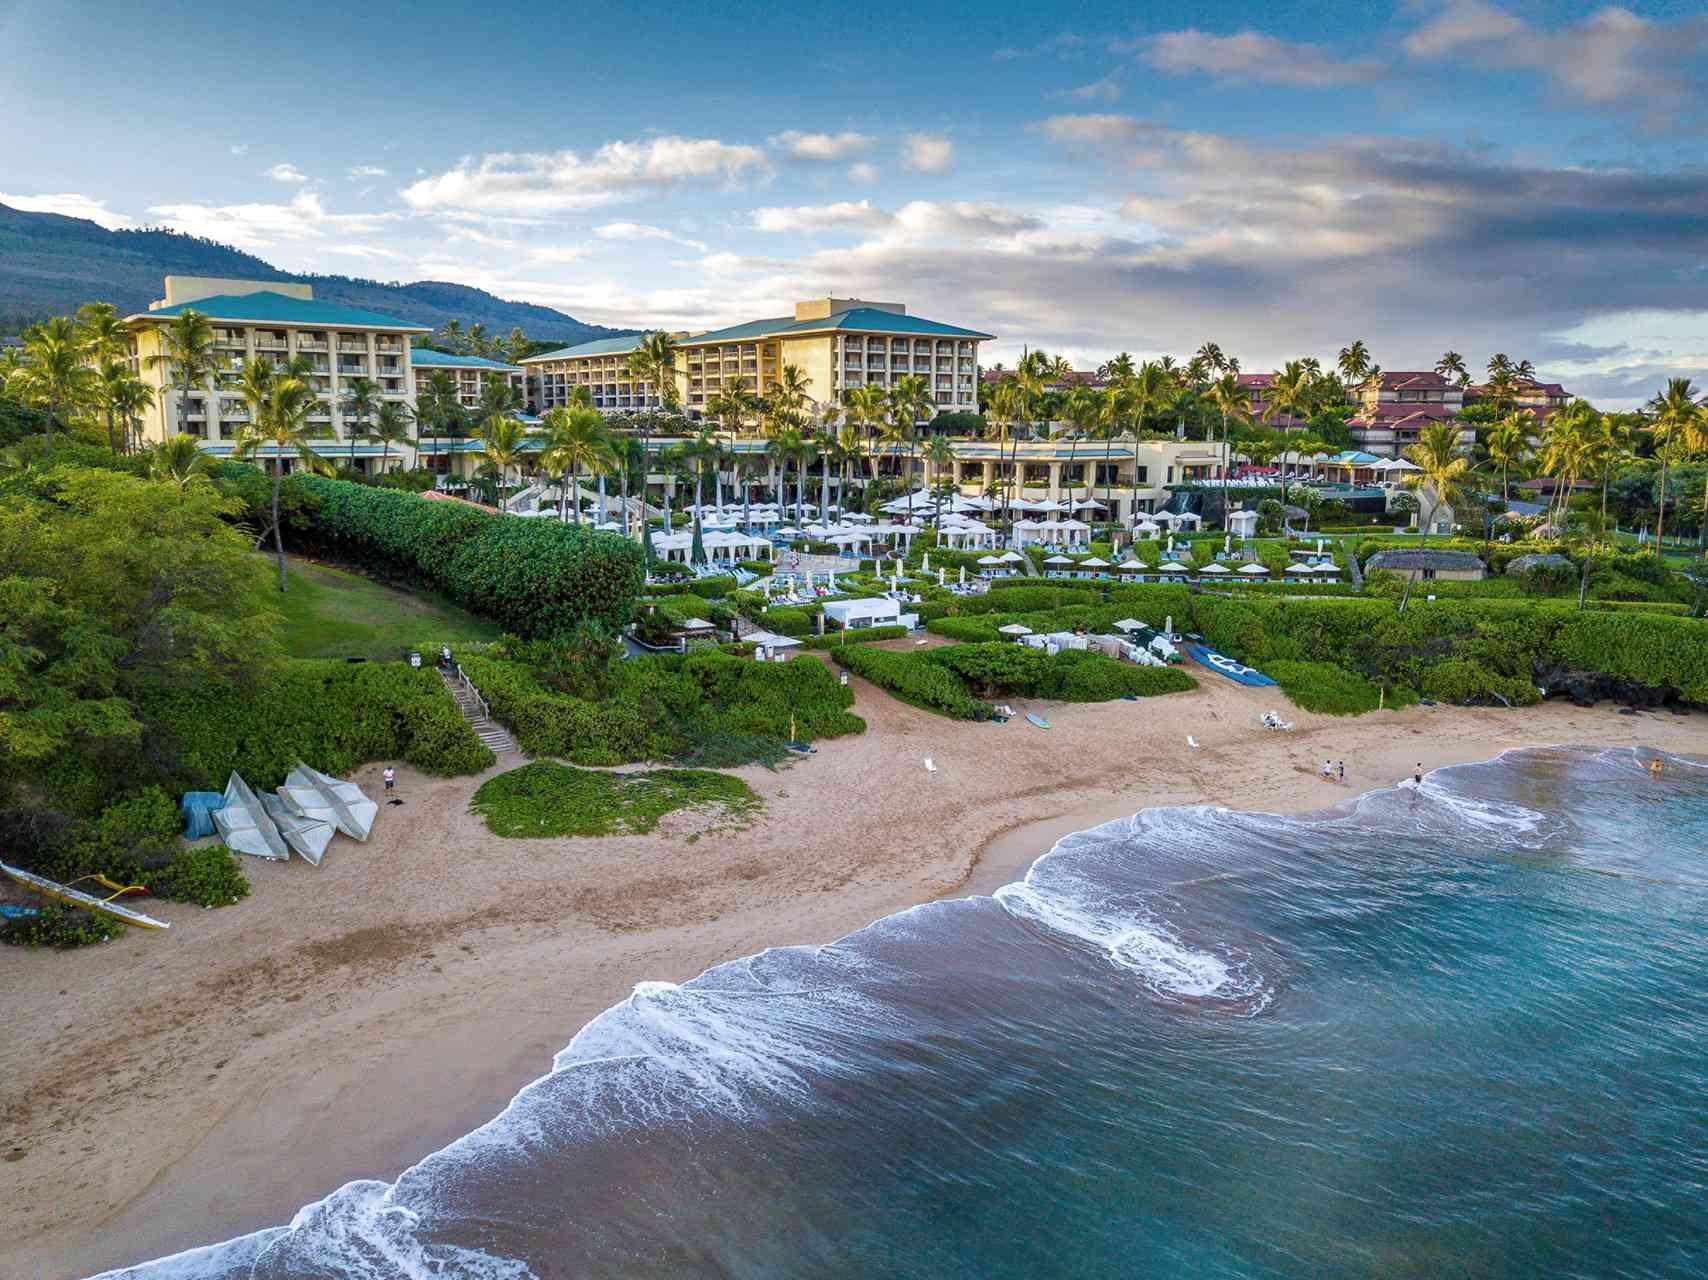 beachside resort